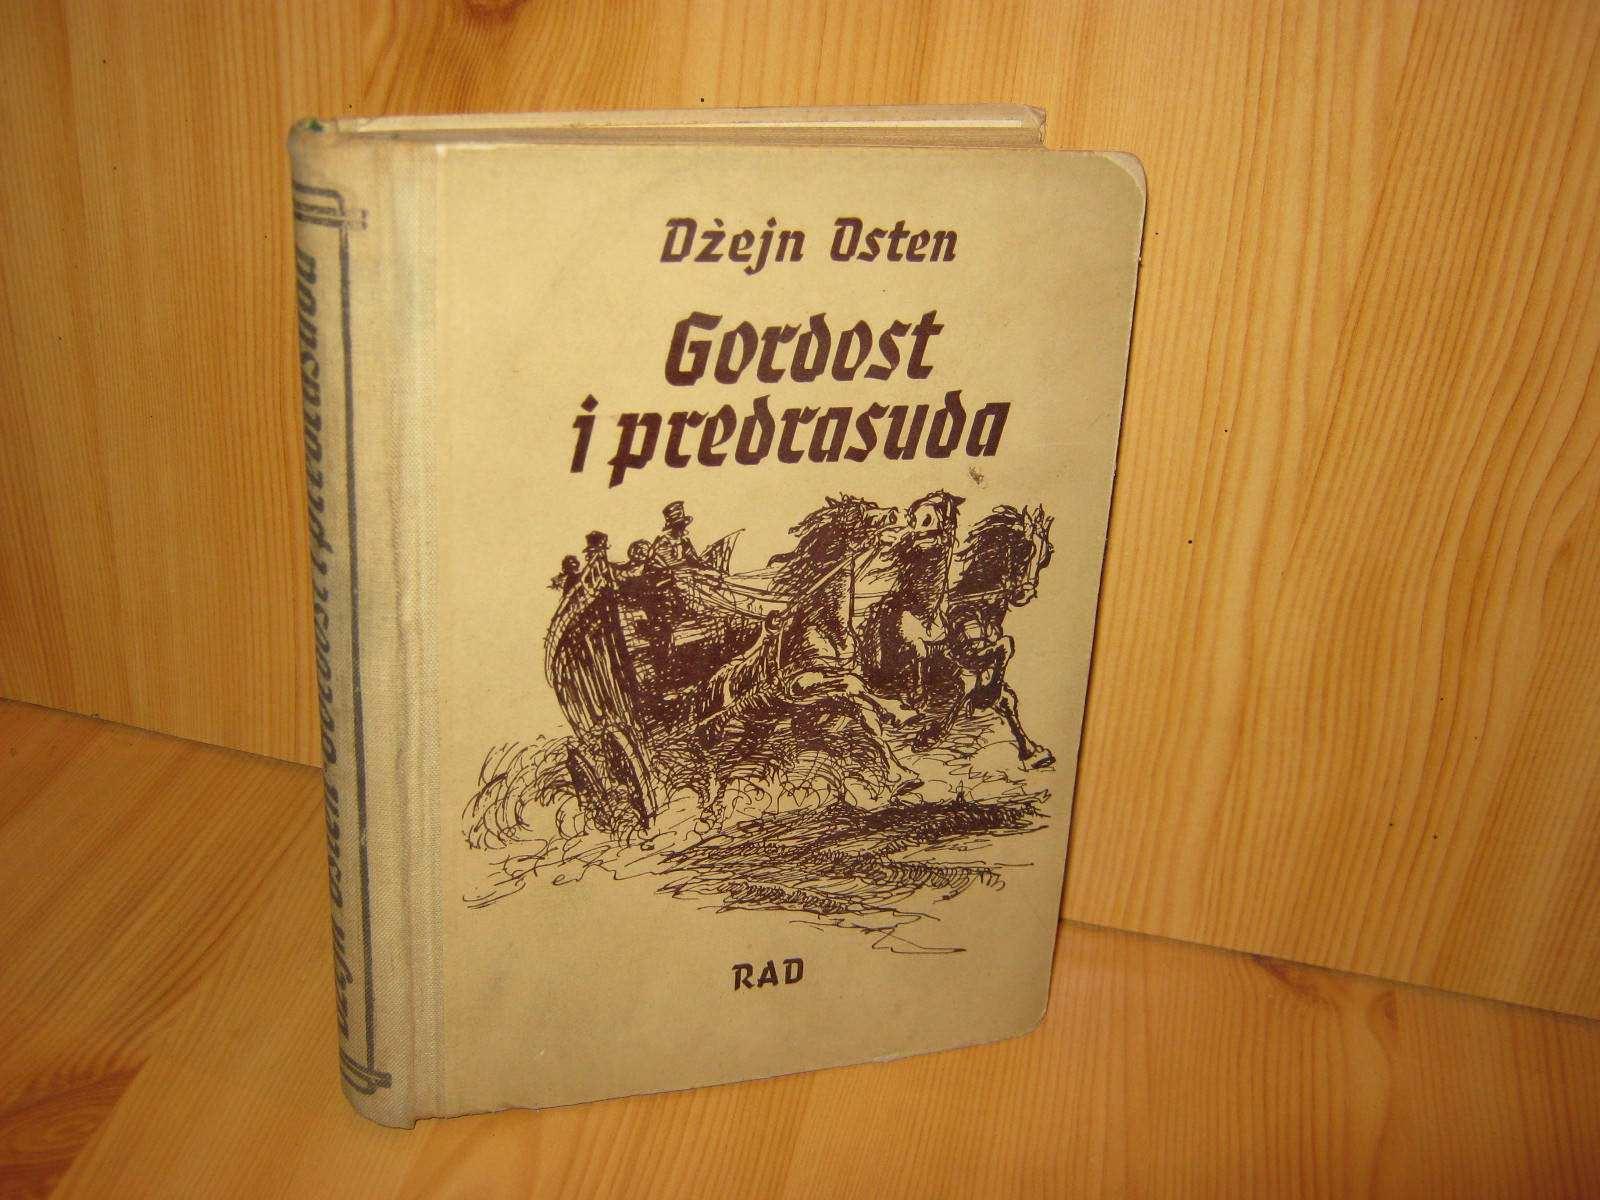 Književna dela po azbučnom redu - Page 7 Gordost-i-predrasude-Dzejn-Ostin_slika_O_3011674